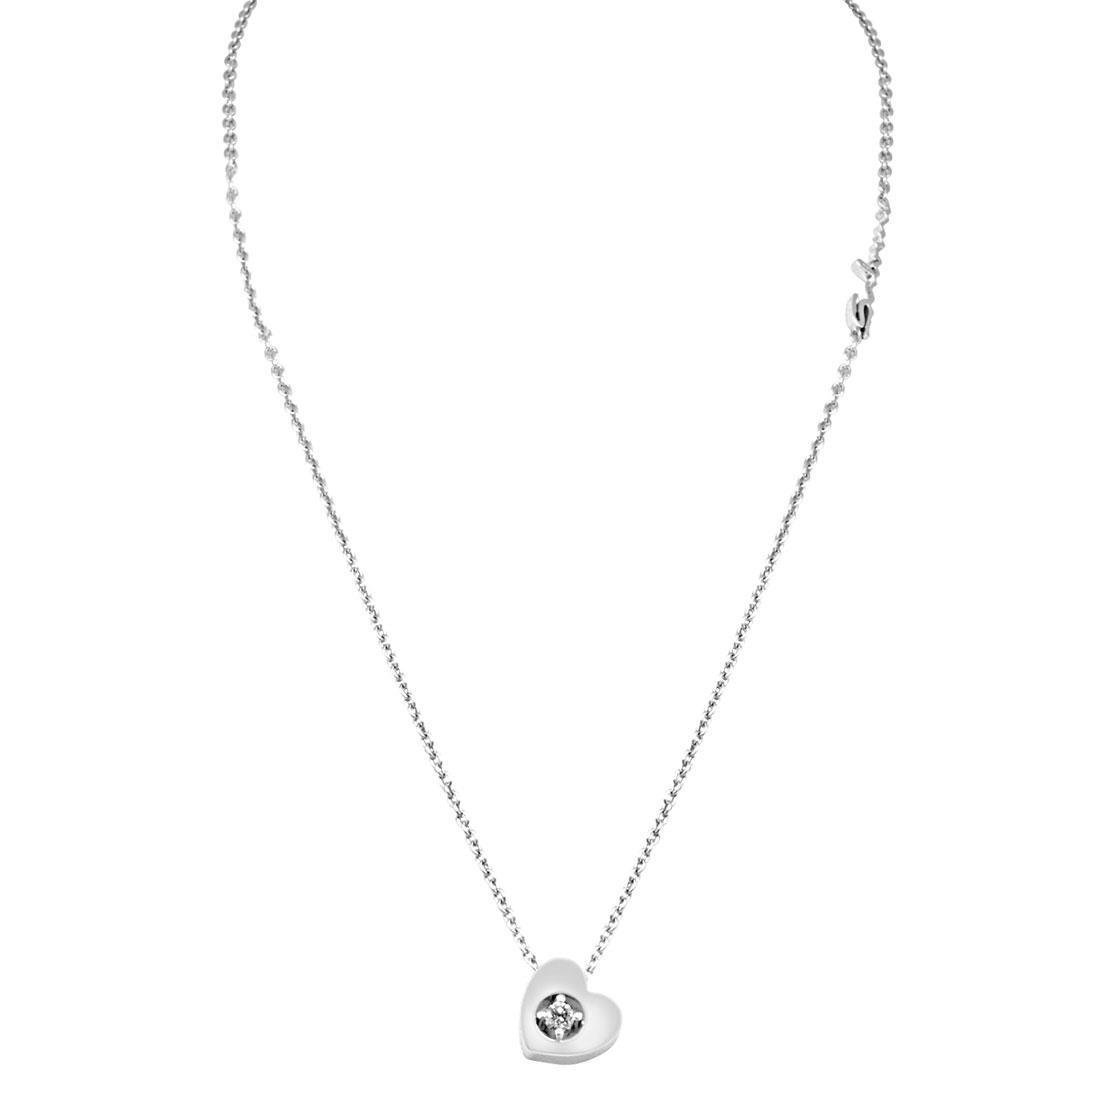 Collana in oro bianco con diamanti ct 0.07, lunghezza 42cm - SALVINI